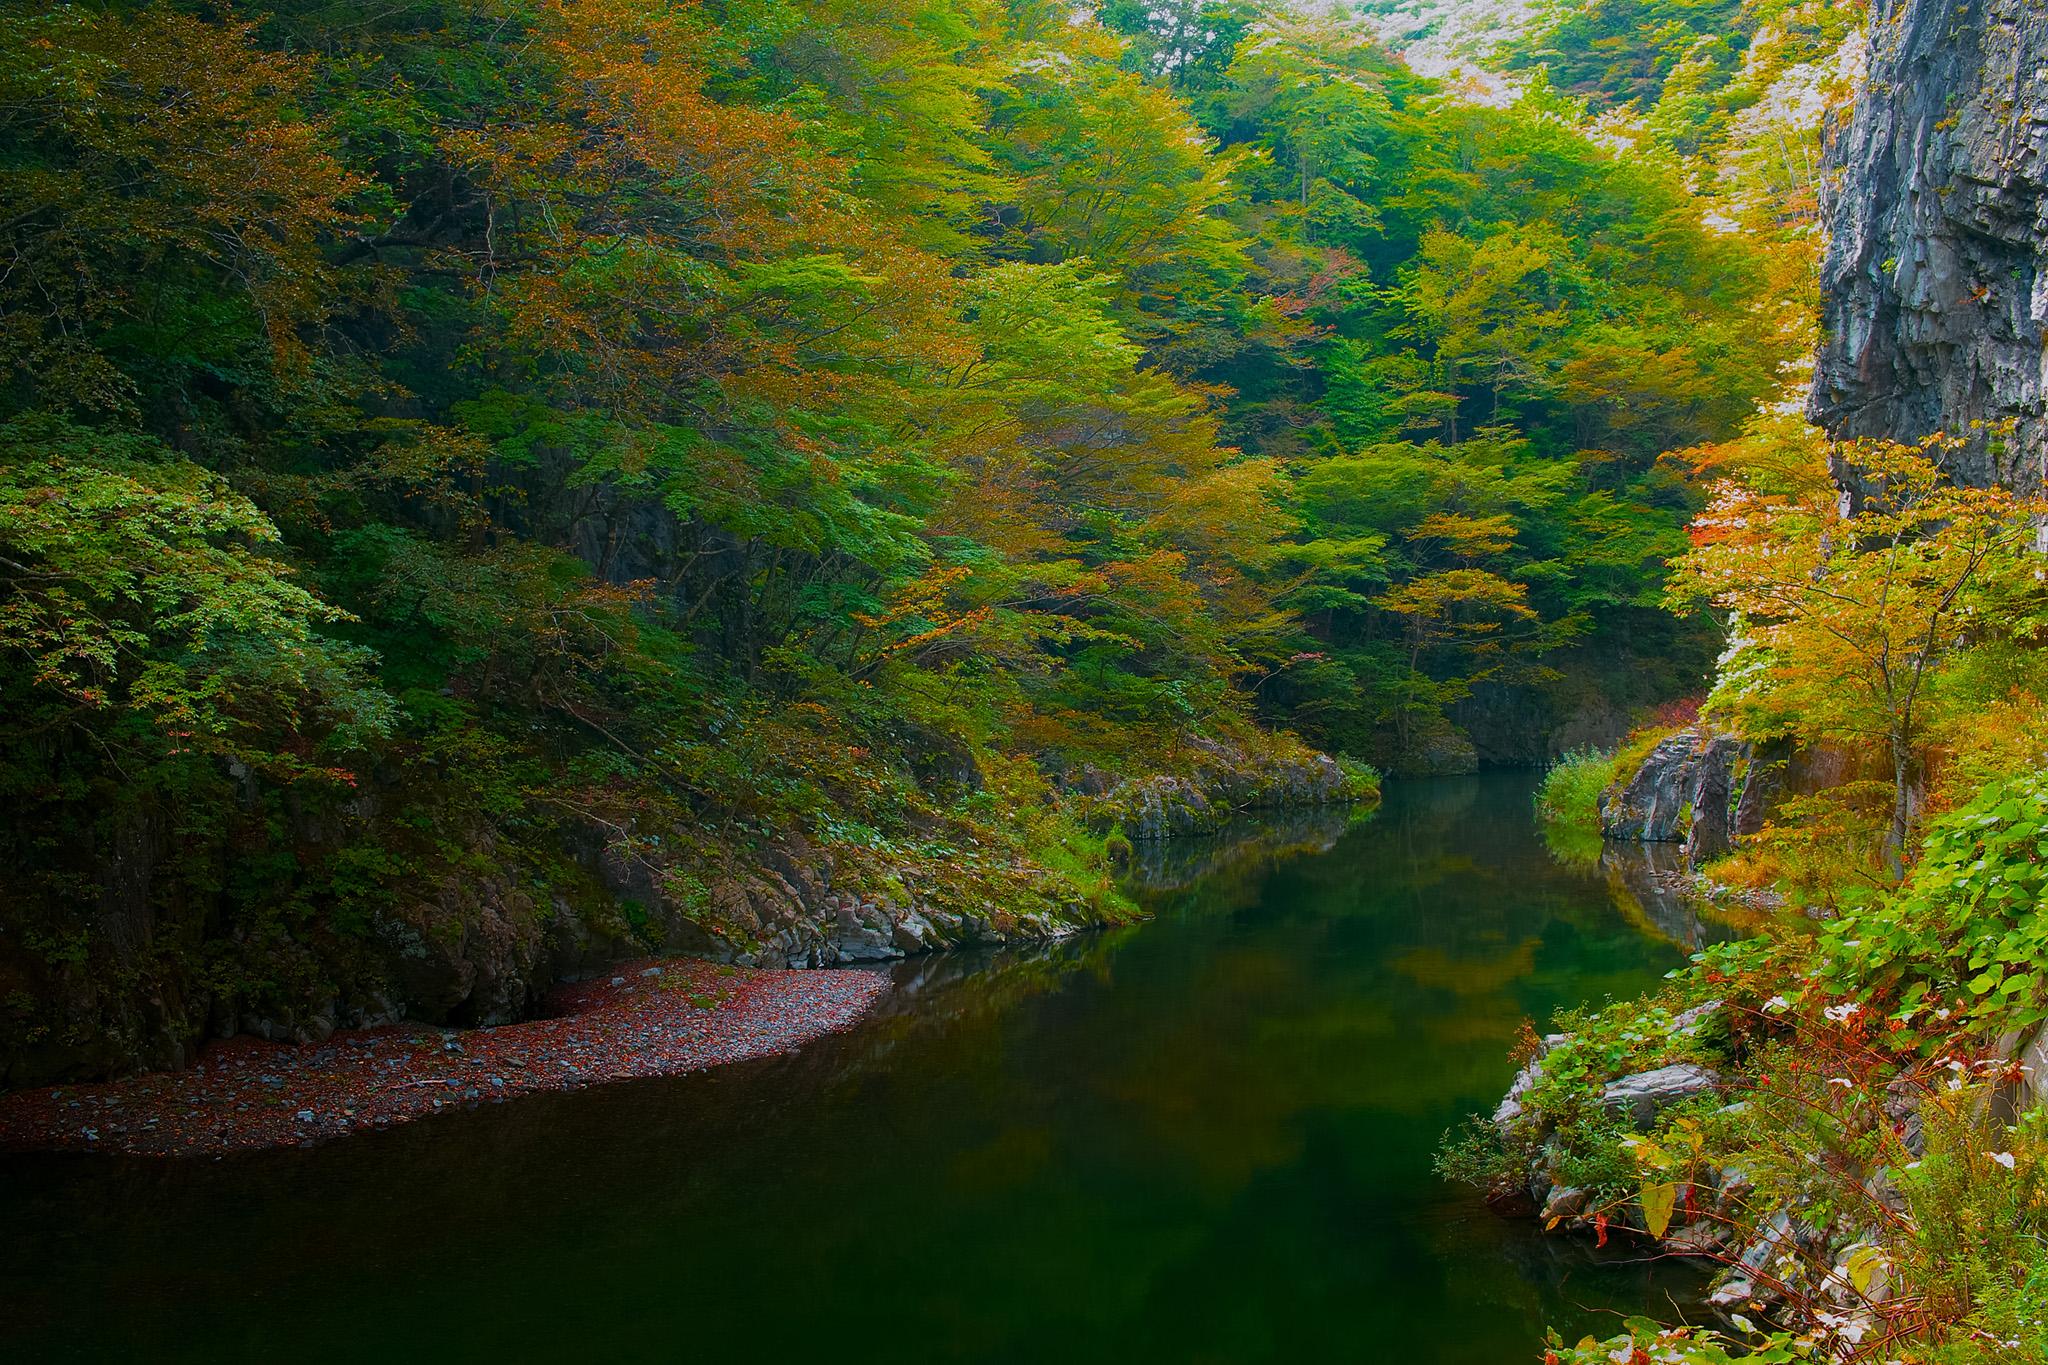 「秋の木立が映り込む淵」